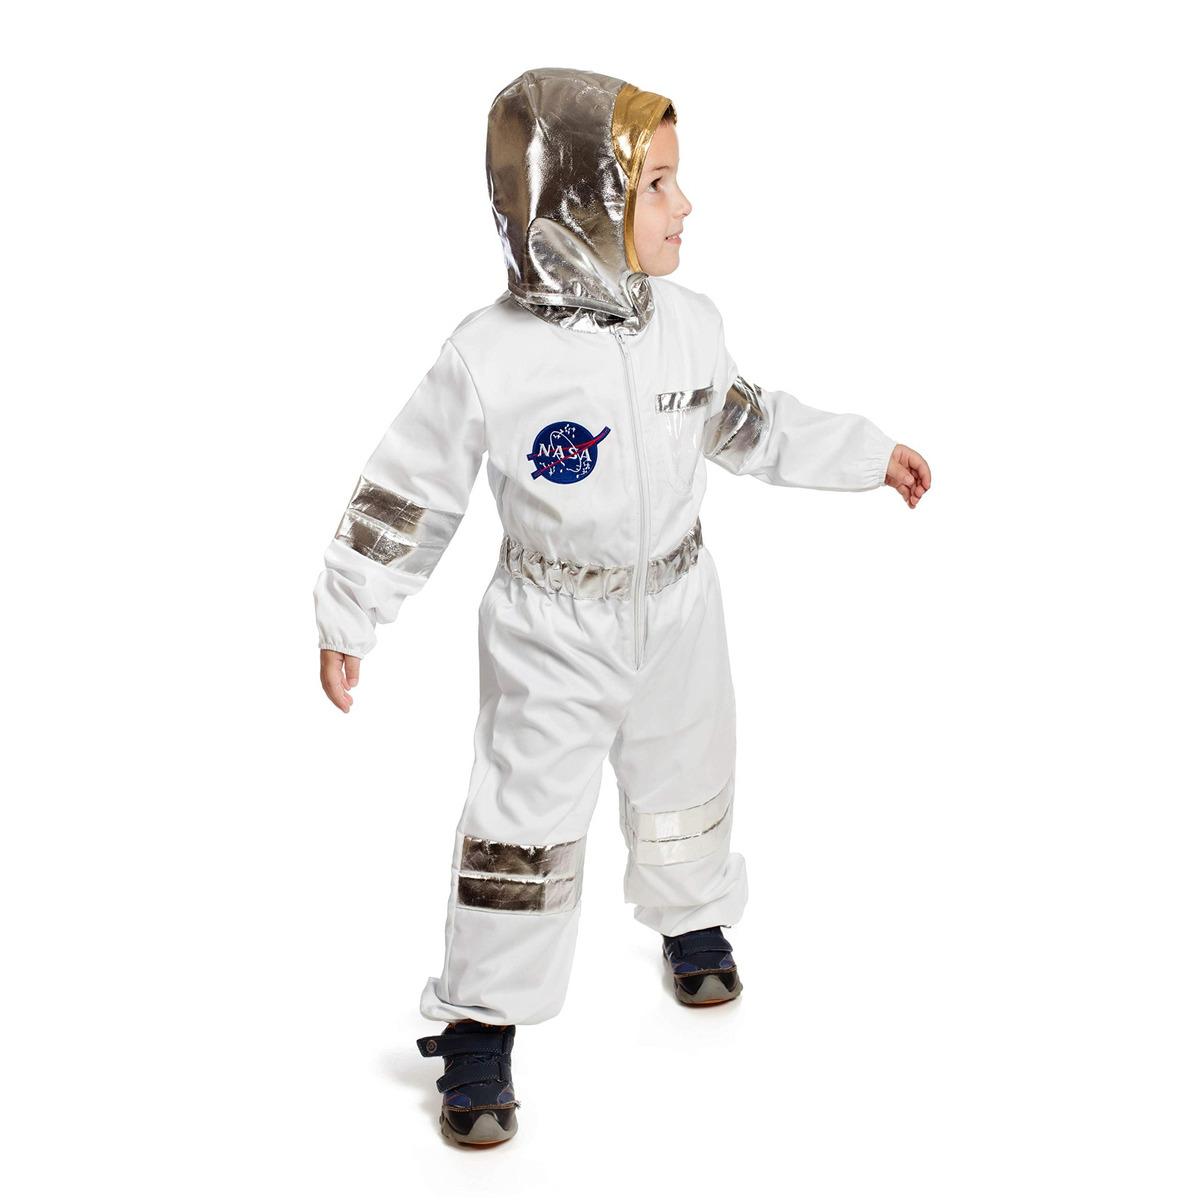 Jugar Astronauta Juego Para De Disfraz Vestir Vestido Yfbg6v7y